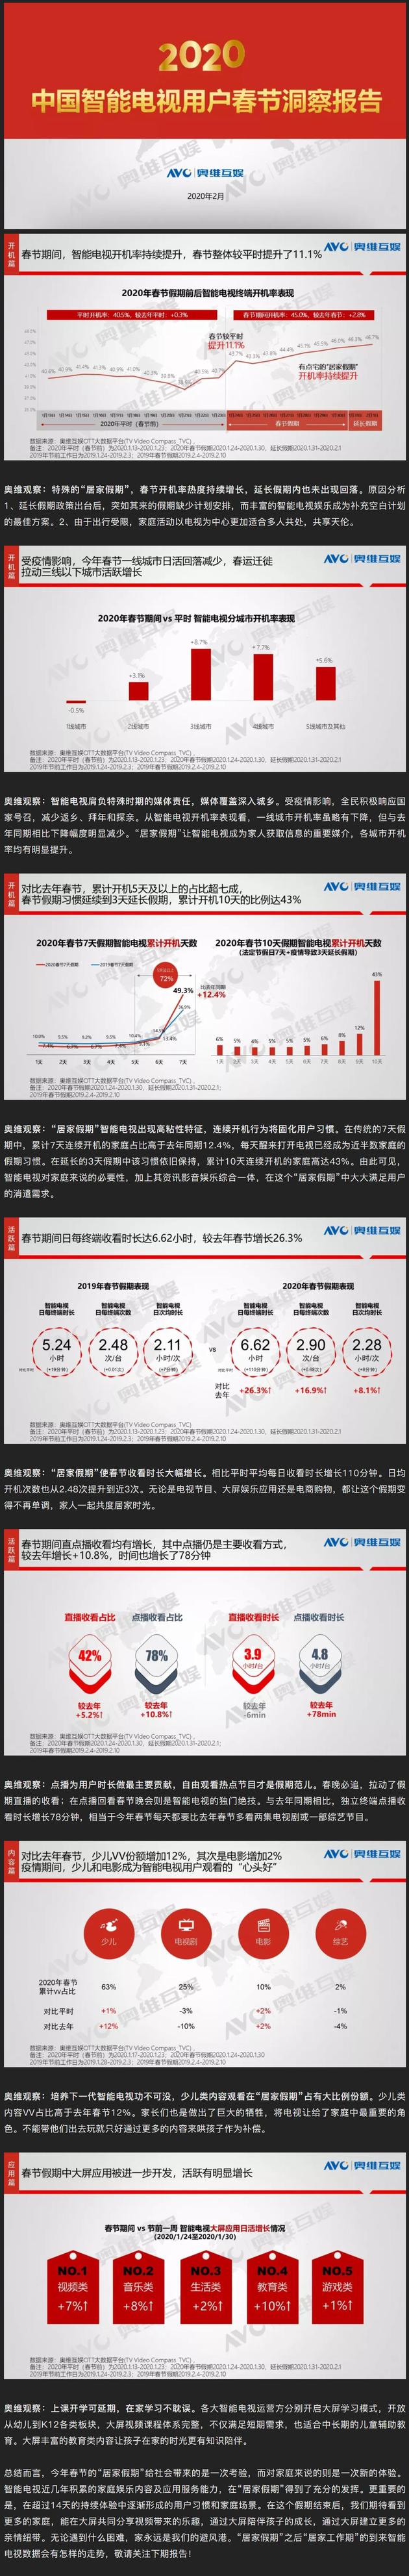 奥维云网报告全文